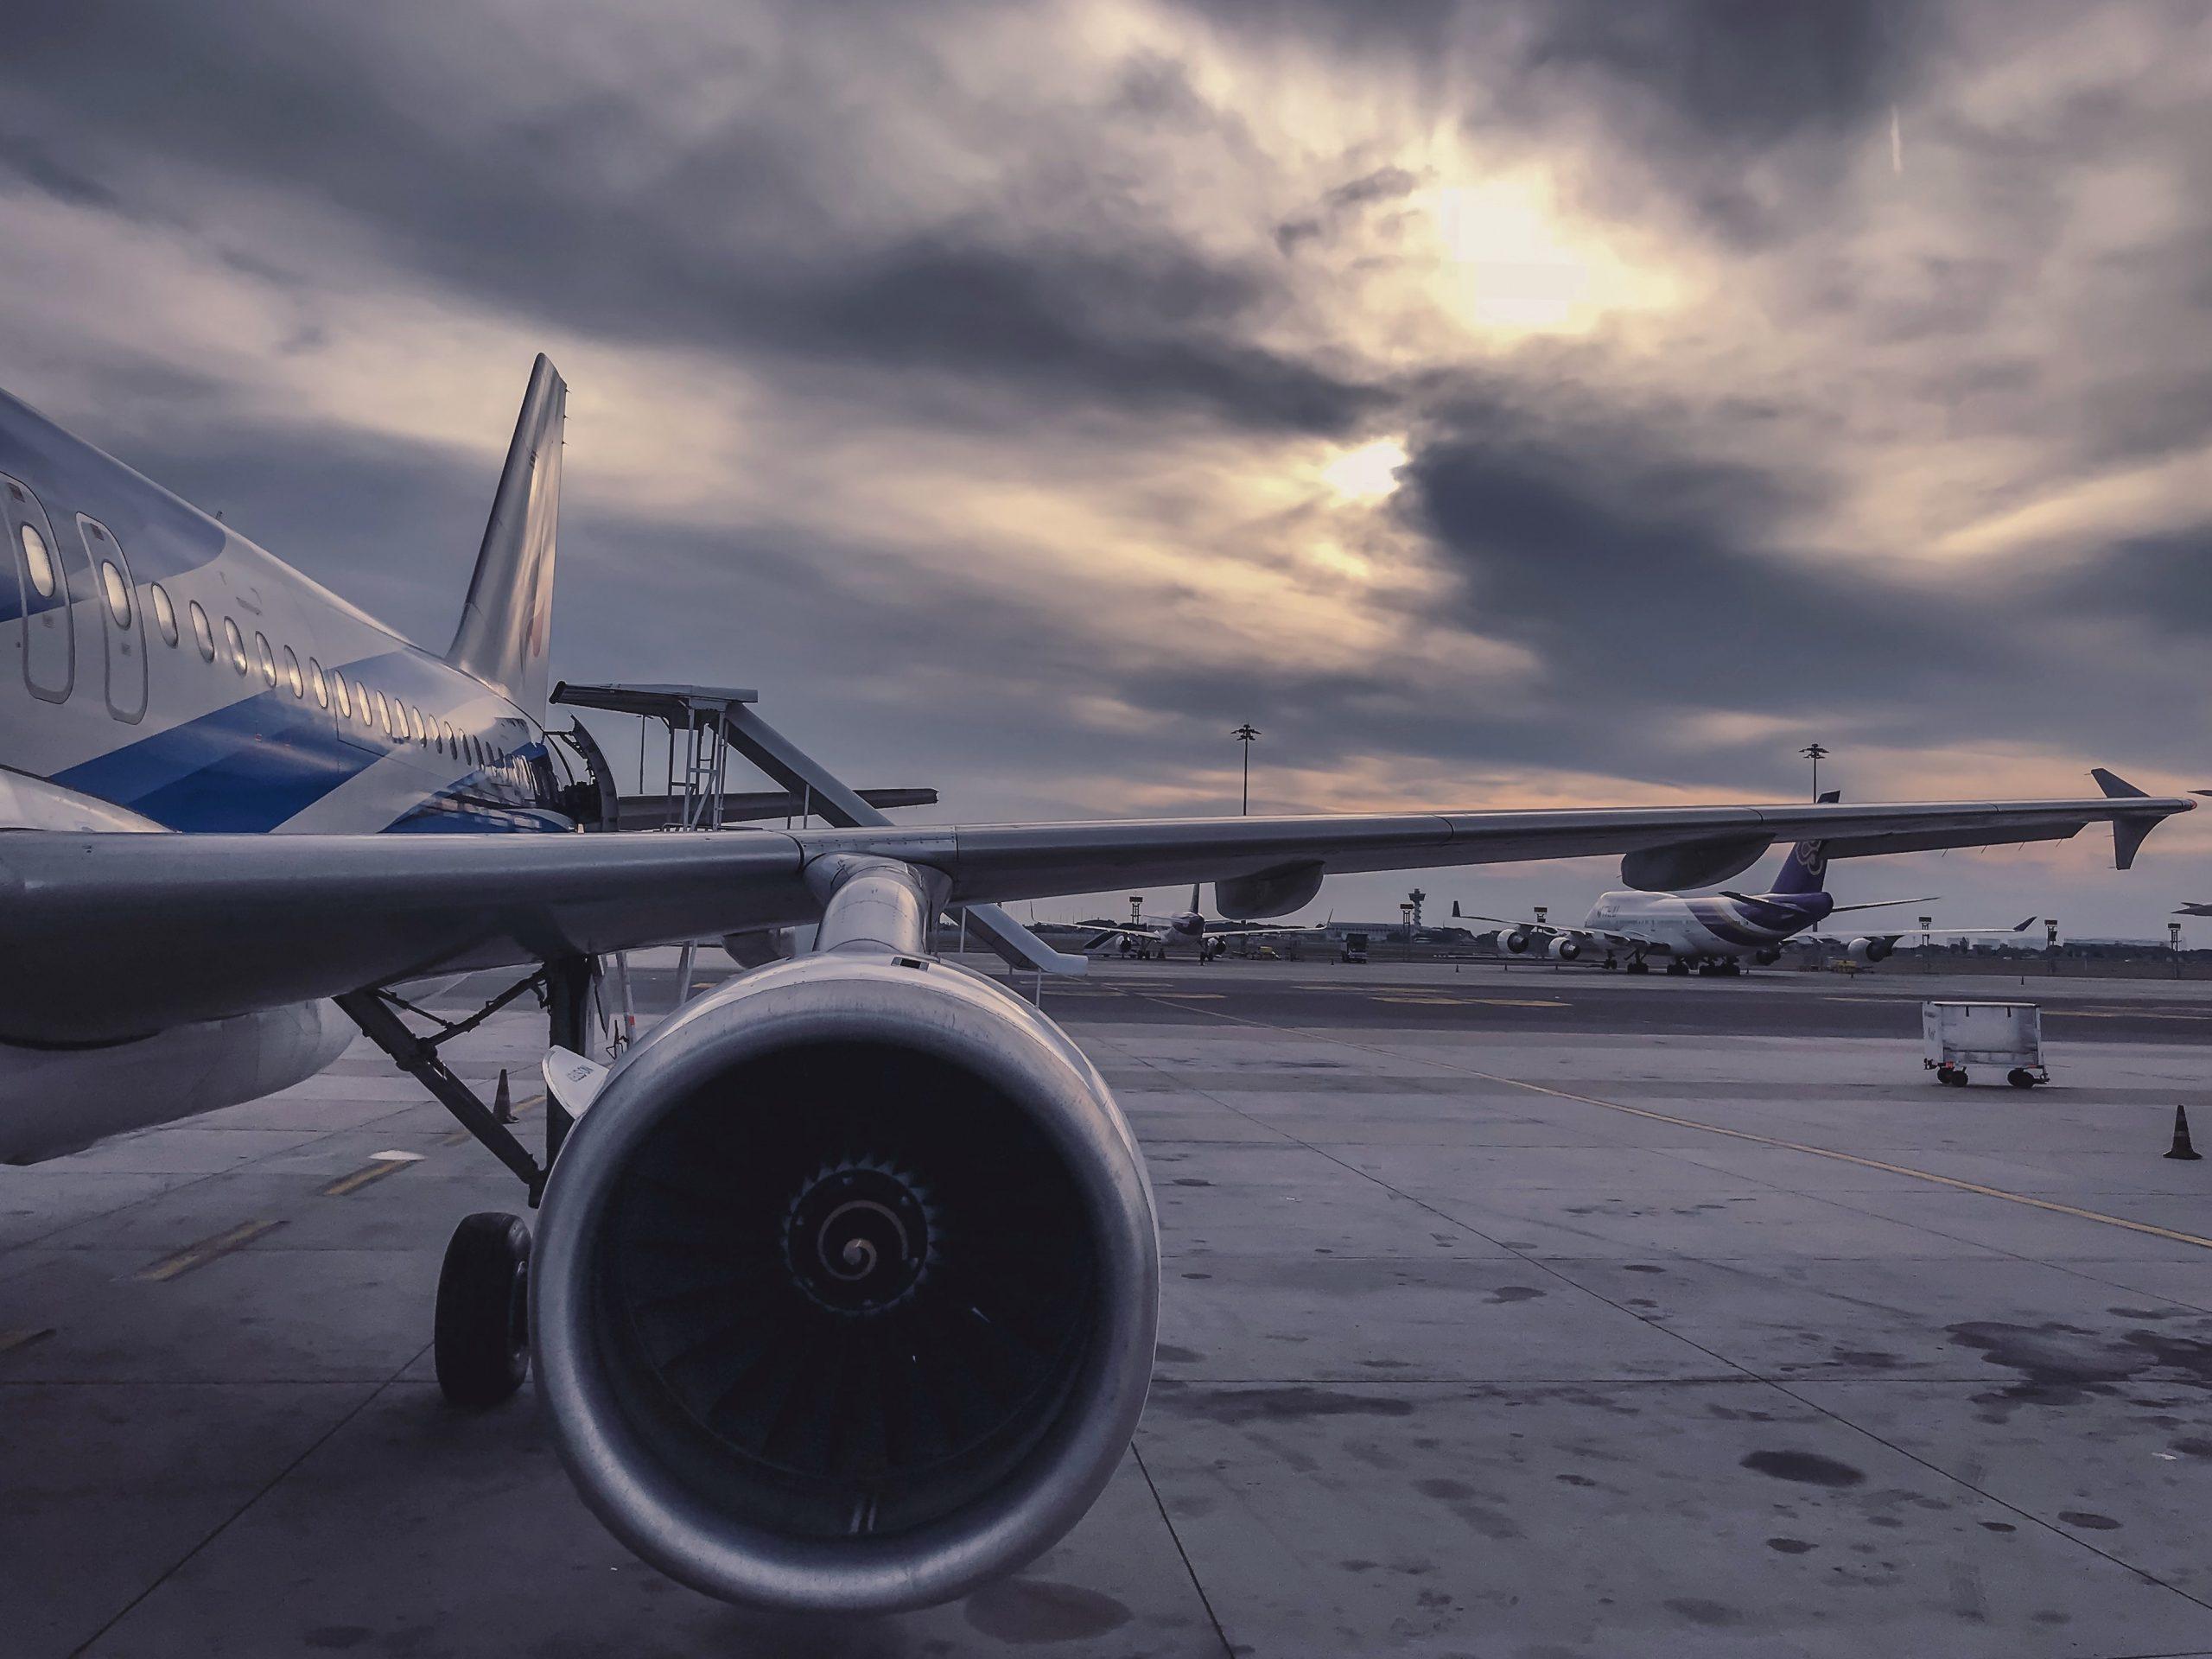 Les compagnies aériennes font preuve de créativité pour gagner de l'argent face aux frontières fermées